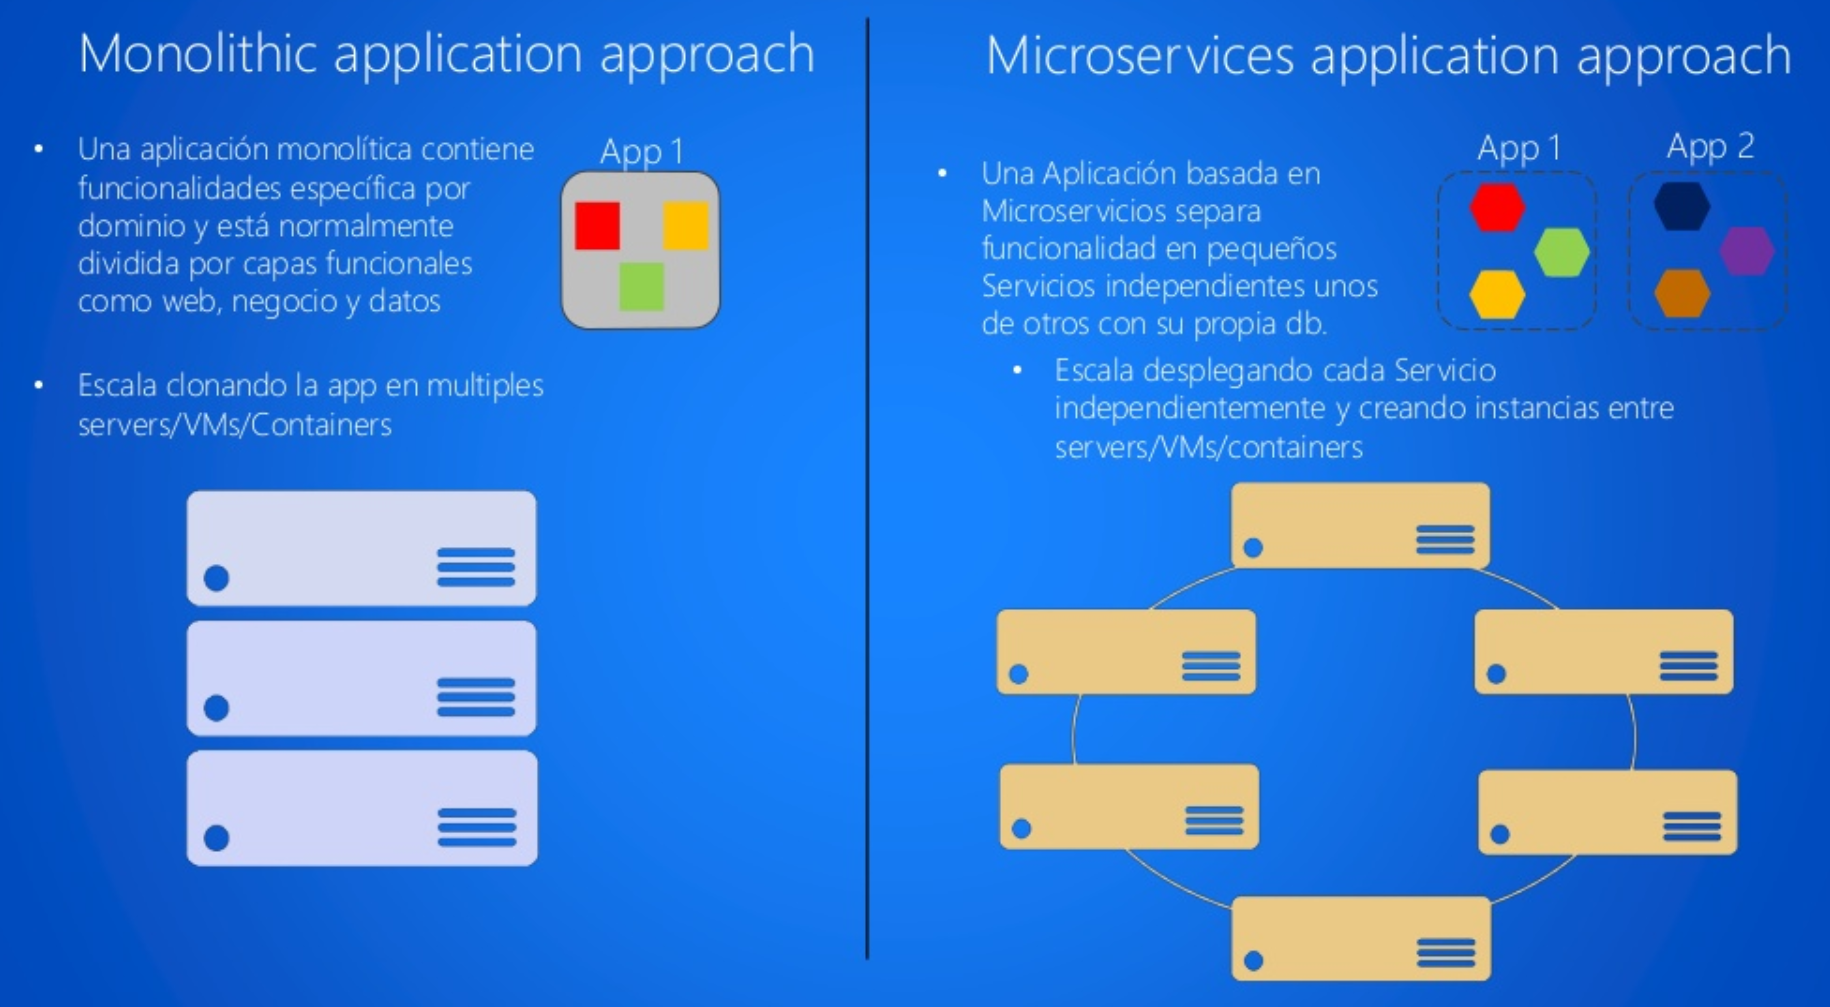 Microservicios vs App Monolítica